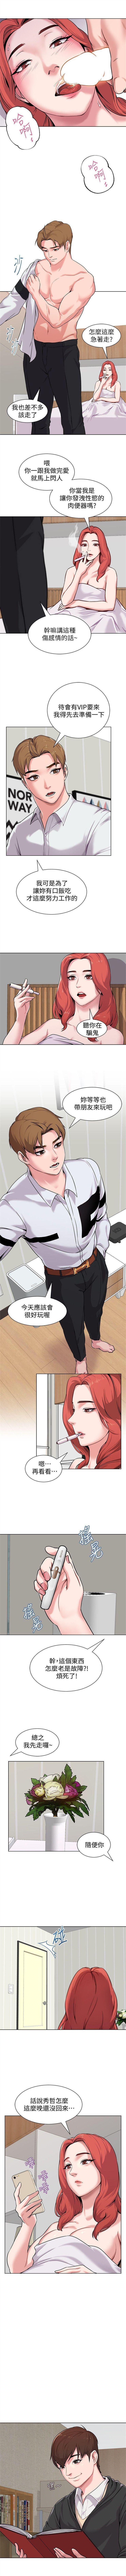 (周3)老师 1-56 中文翻译(更新中) 29